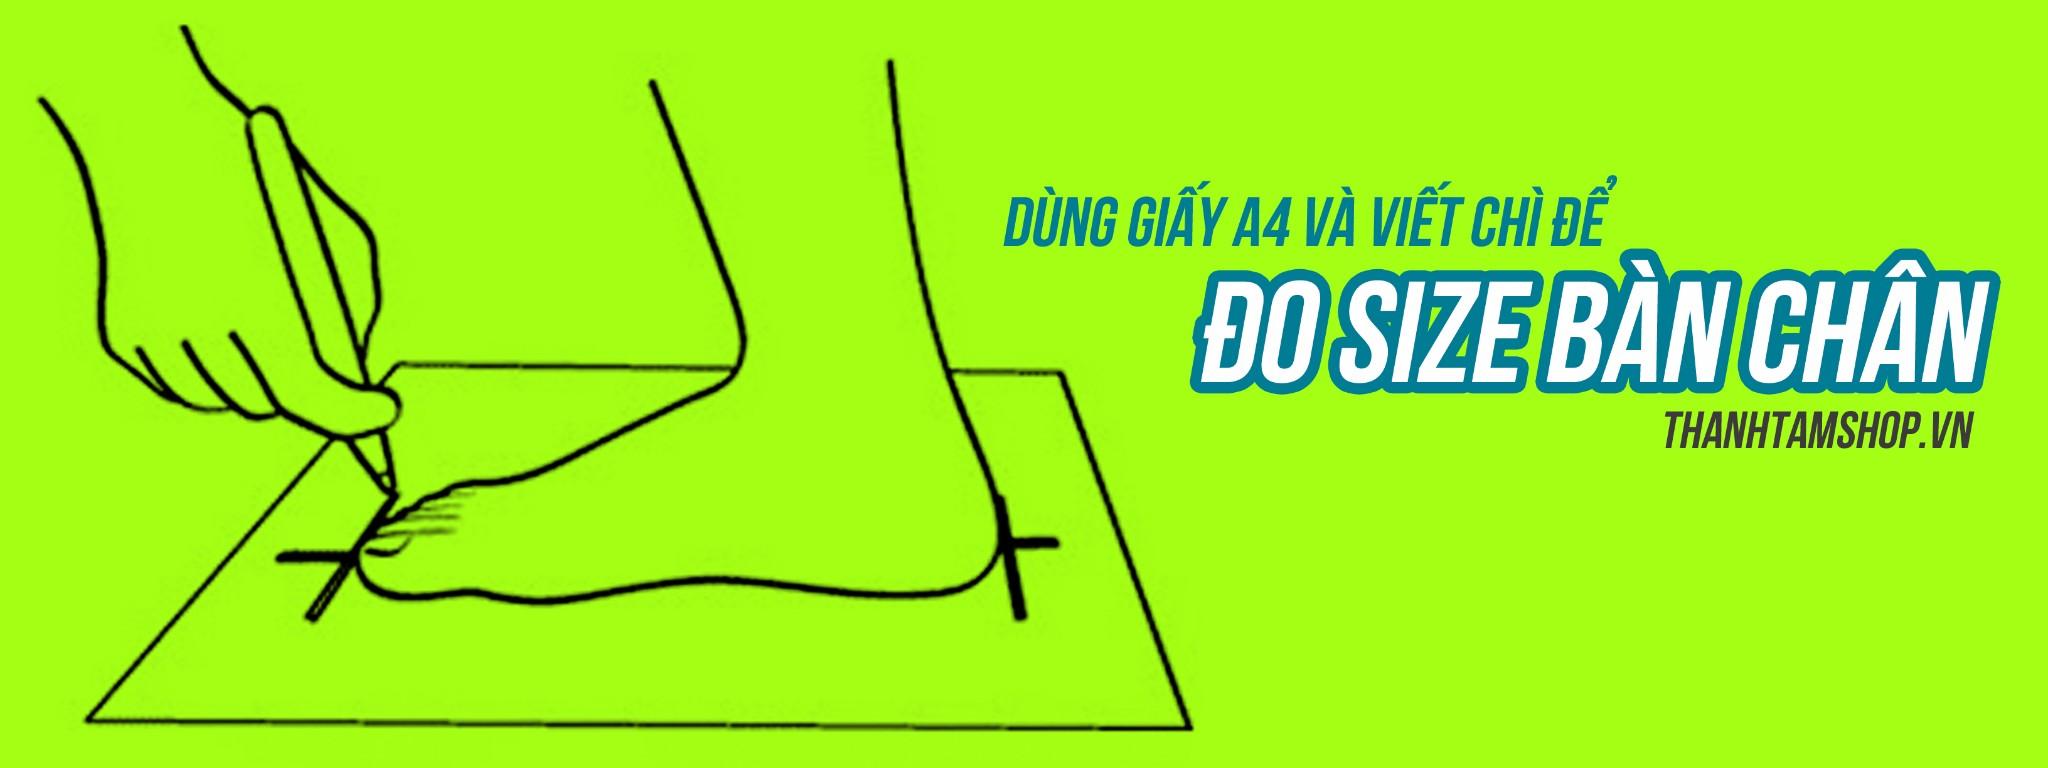 Giày Thể Thao Nike, Adidas, Converse chạy bộ, tập gym, Aerobic - 16